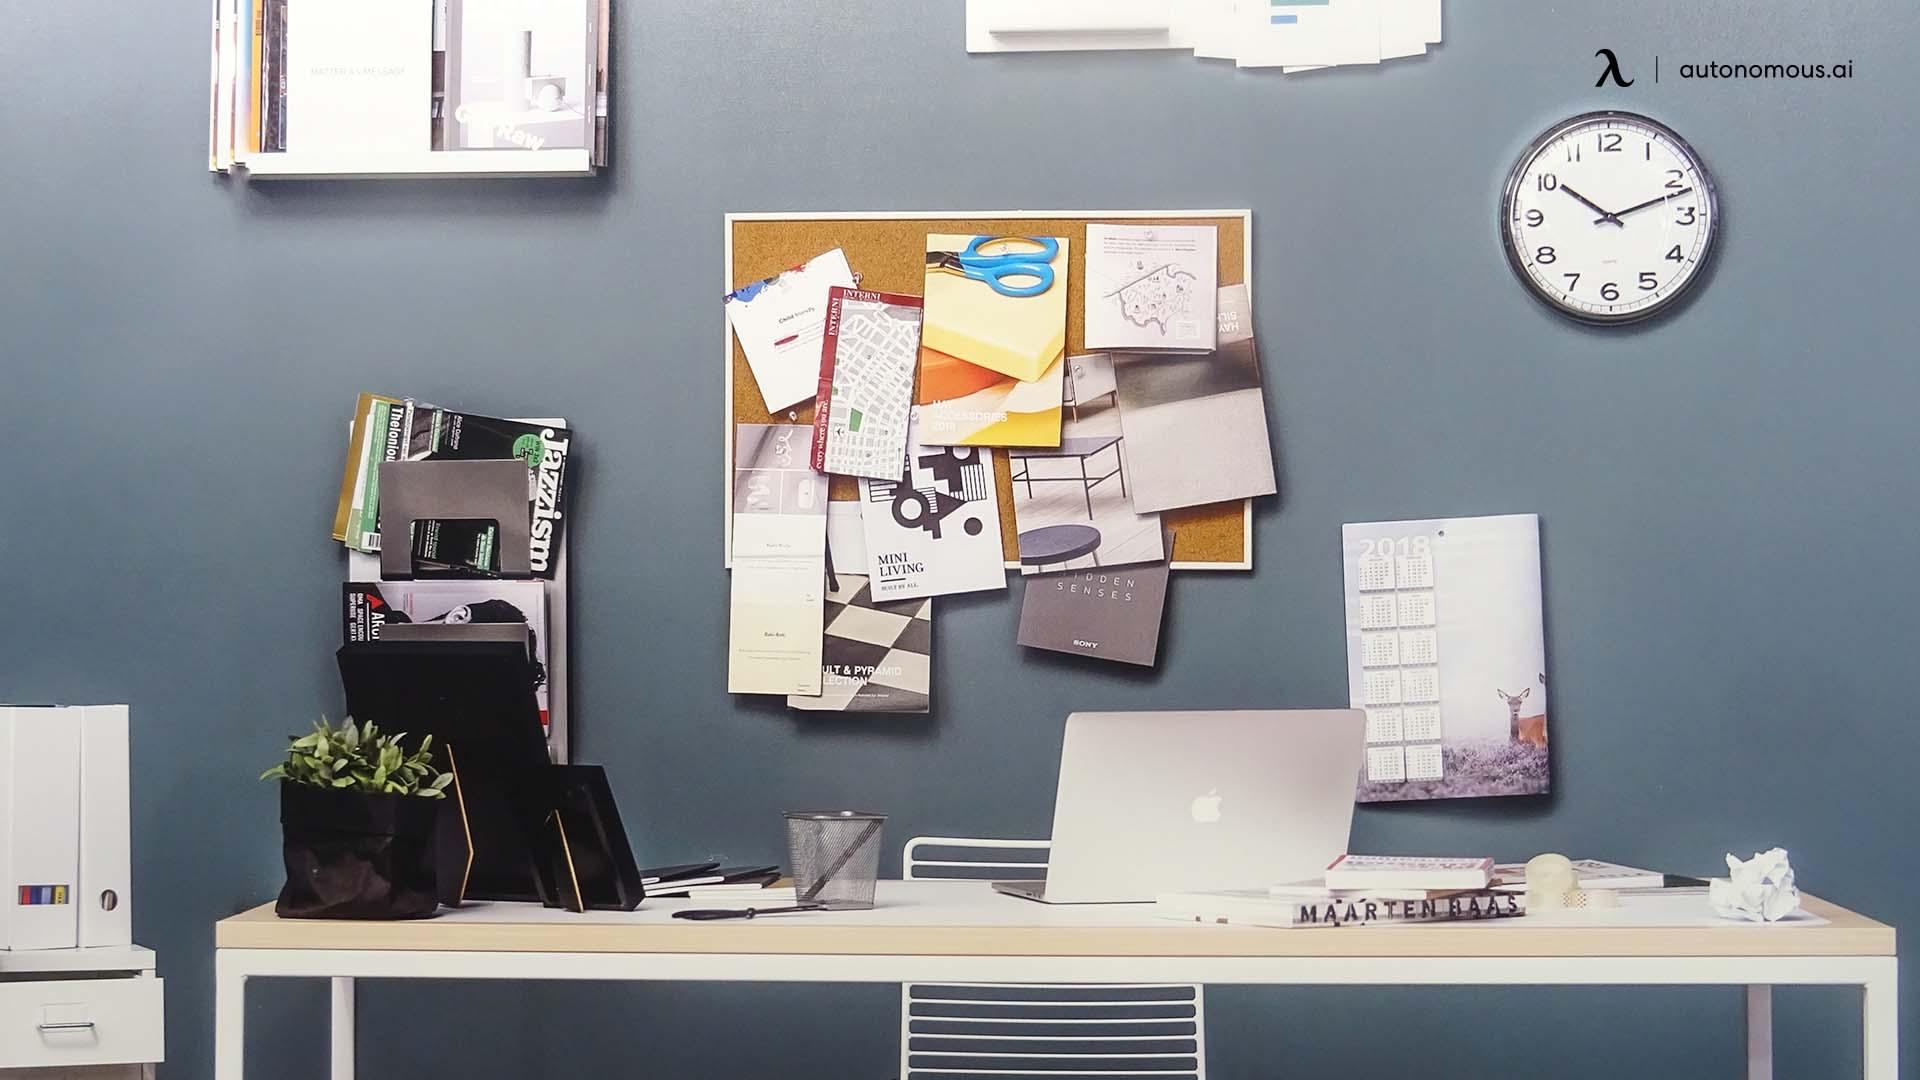 Poor desk station